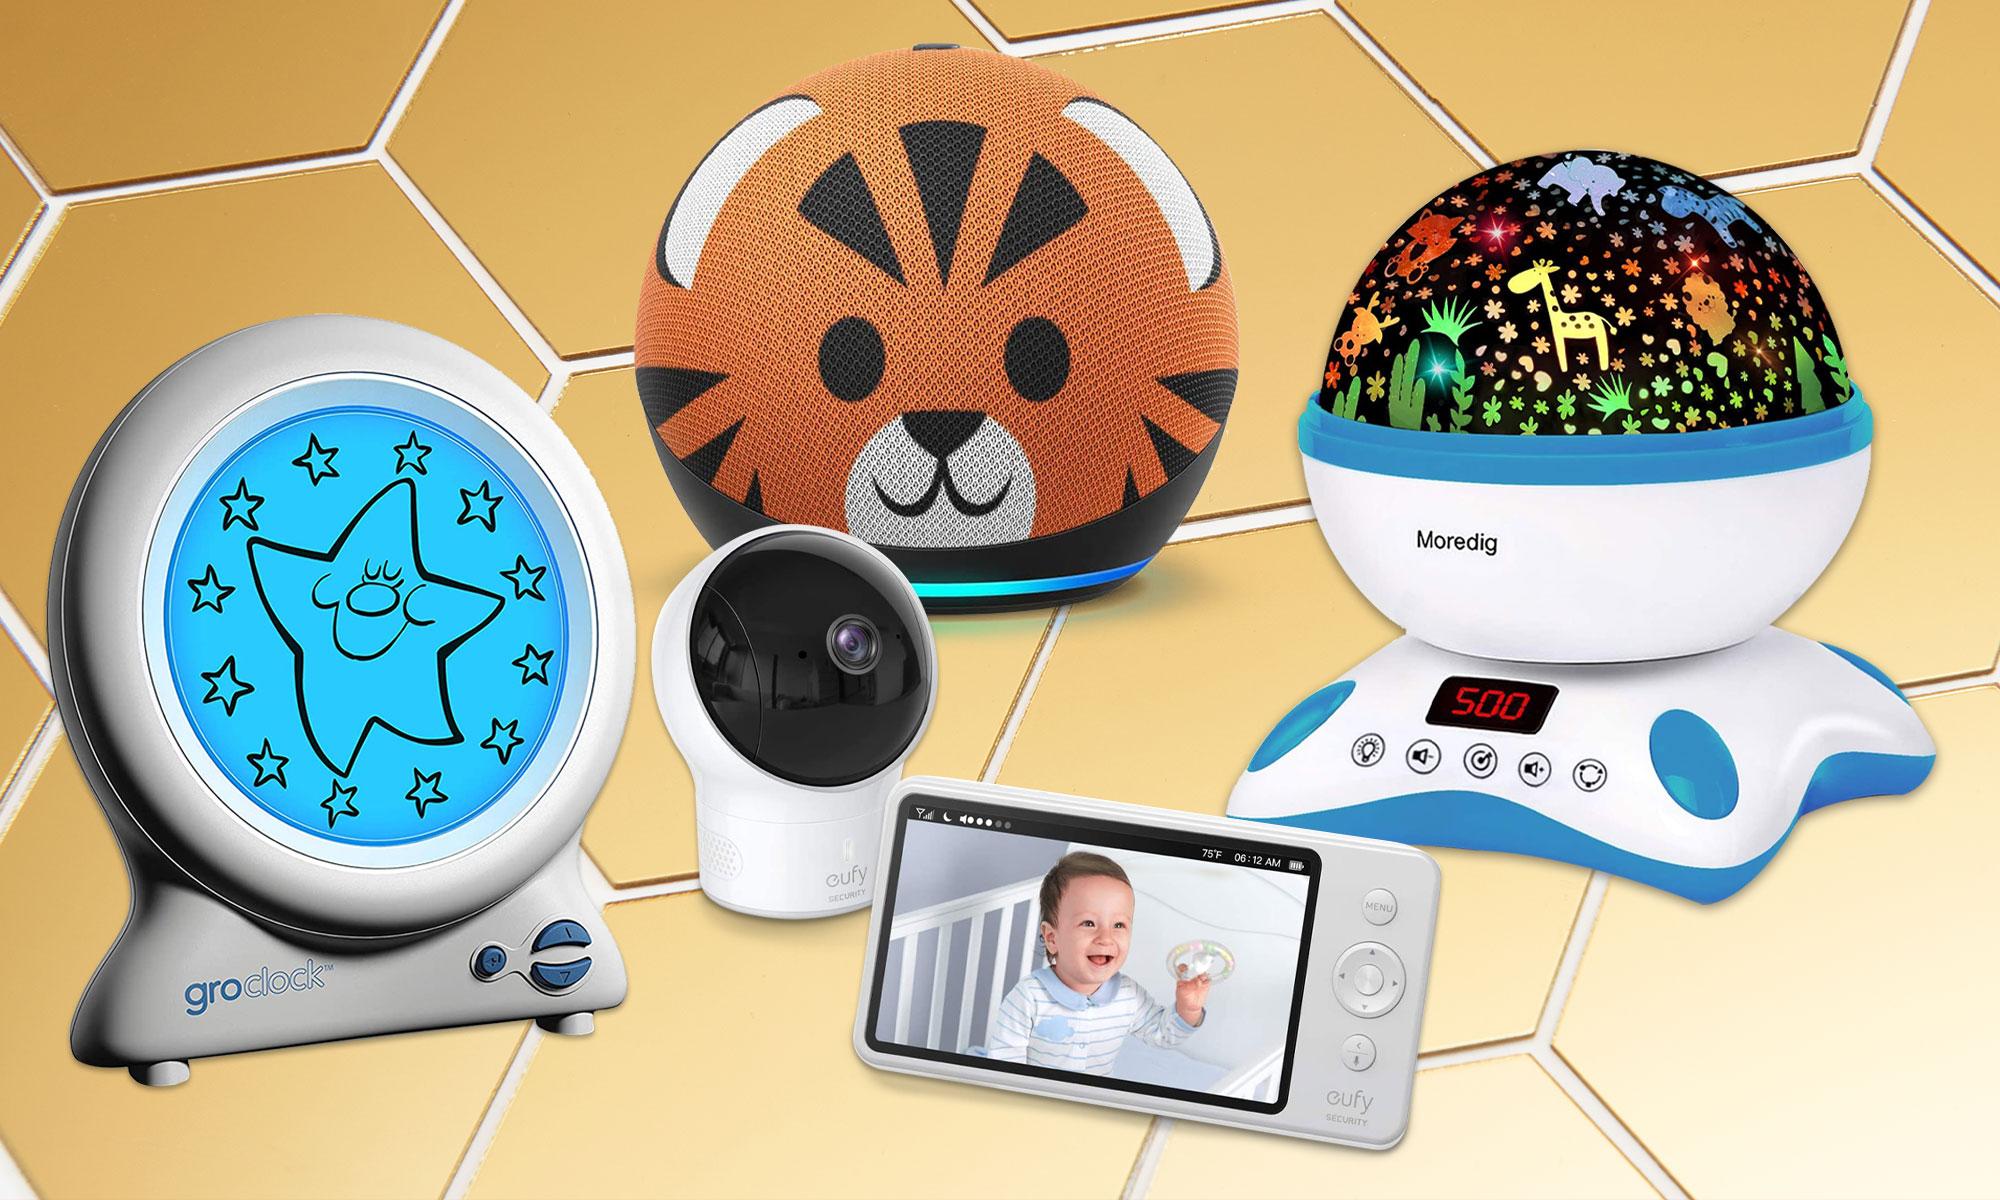 Yeni ebeveynler için en iyi teknoloji hediyeleri | Engadget